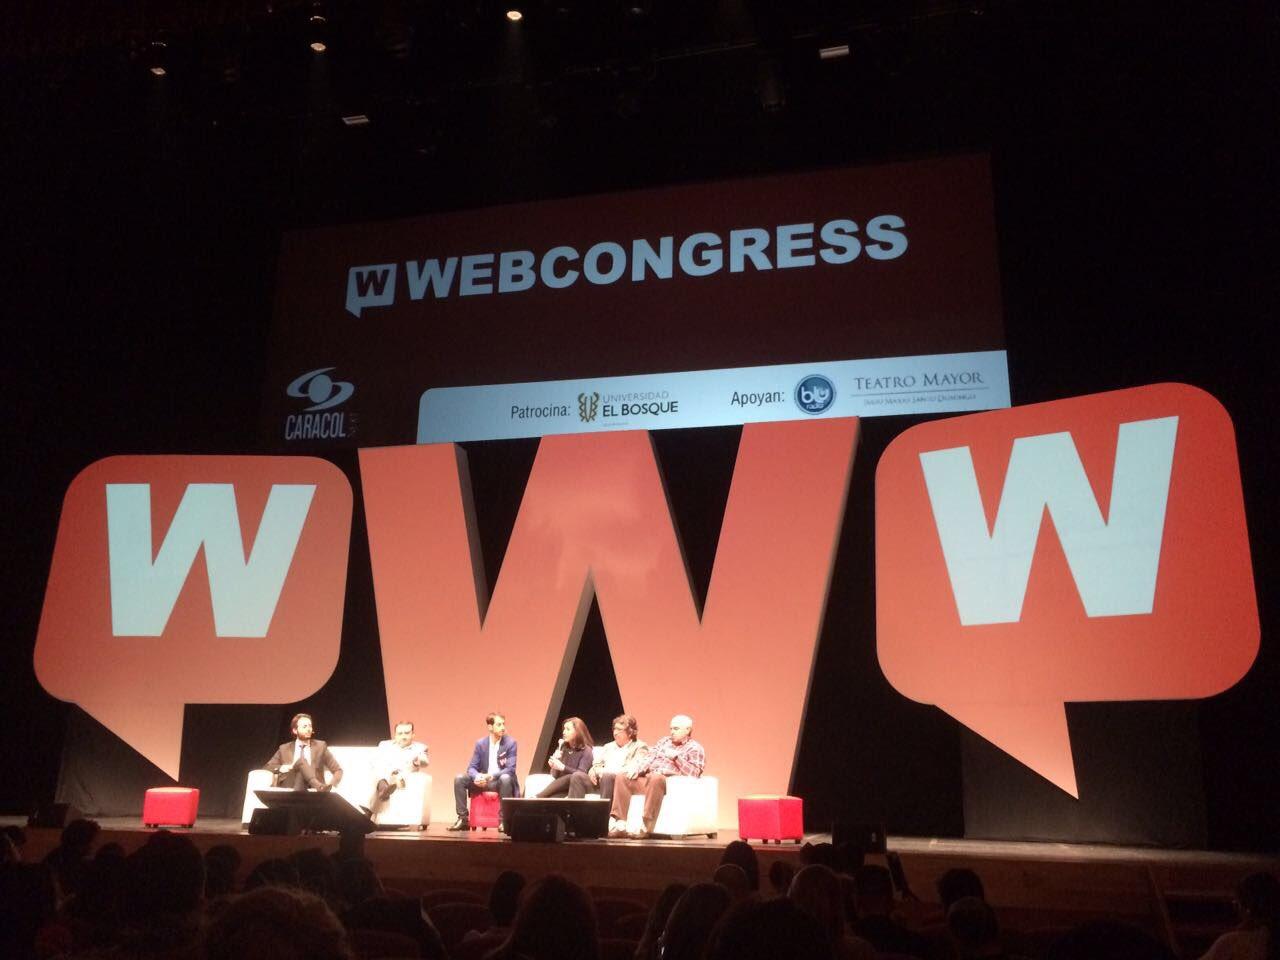 Con #Webcongress quedé más enamorada del #Emprendimiento e #Innovación iFelicitaciones @ouali, @MrMarioSuazo y todo el equipo @webcongress! https://t.co/2VYk22eLV4